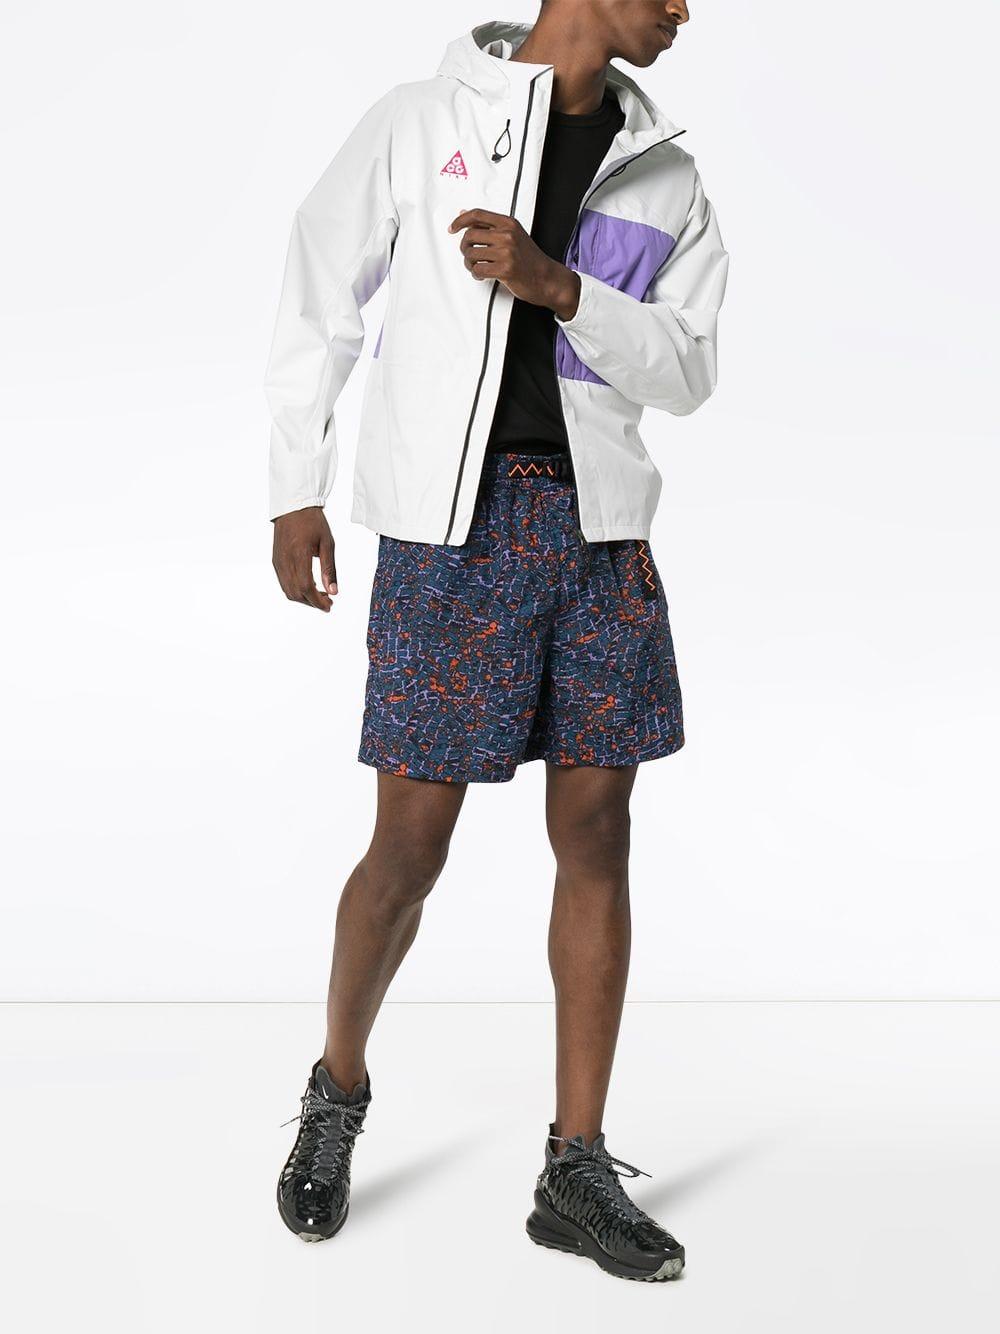 manteau Nike AGC blanc et violet porté par un mannequin